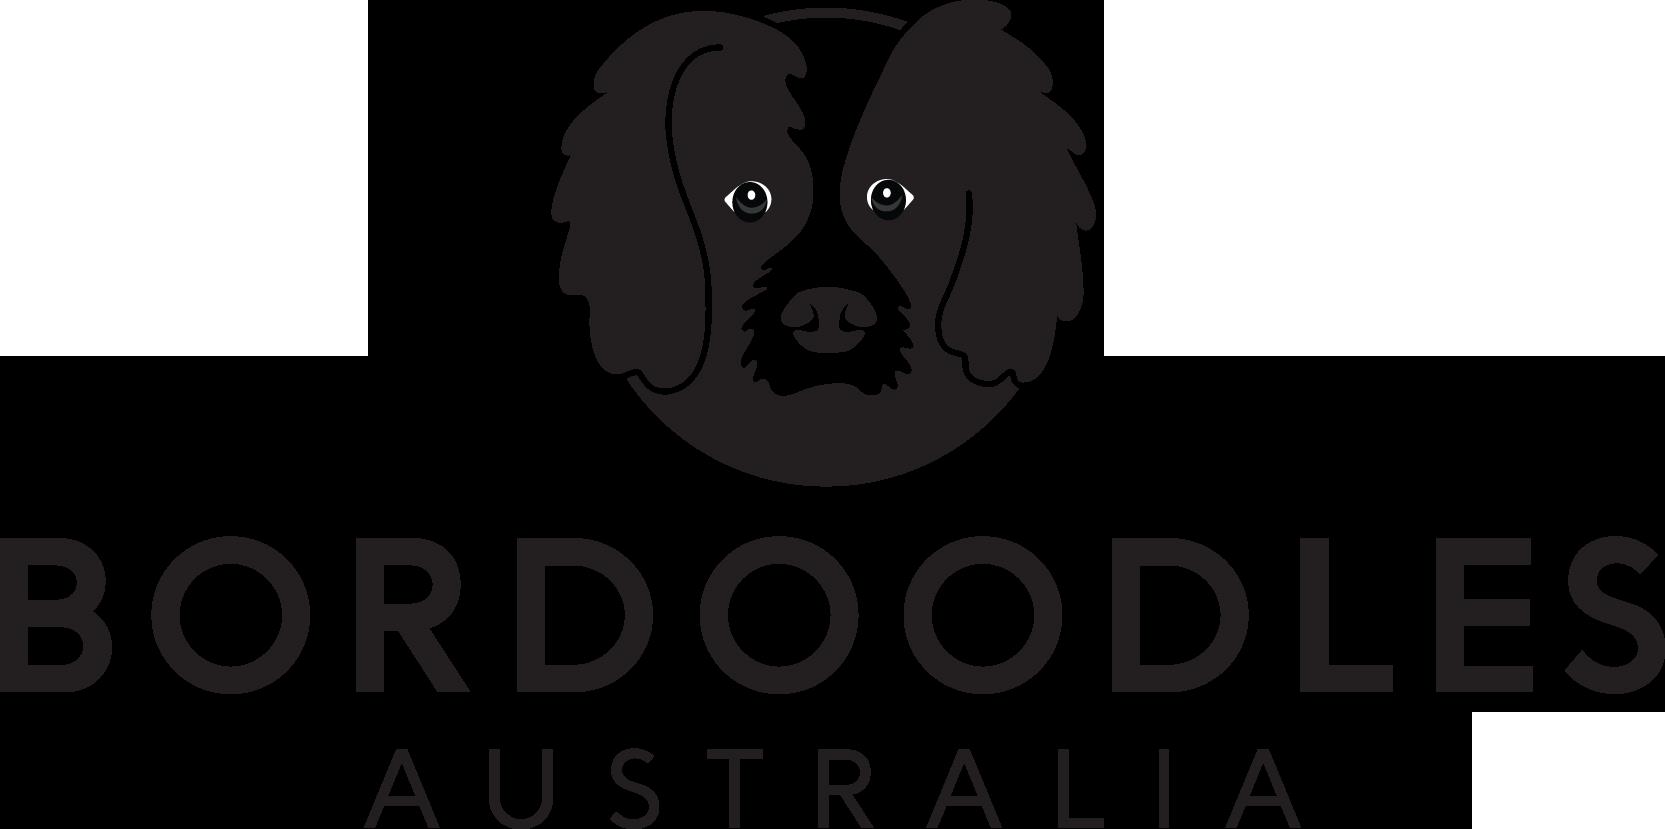 Bordoodles Australia